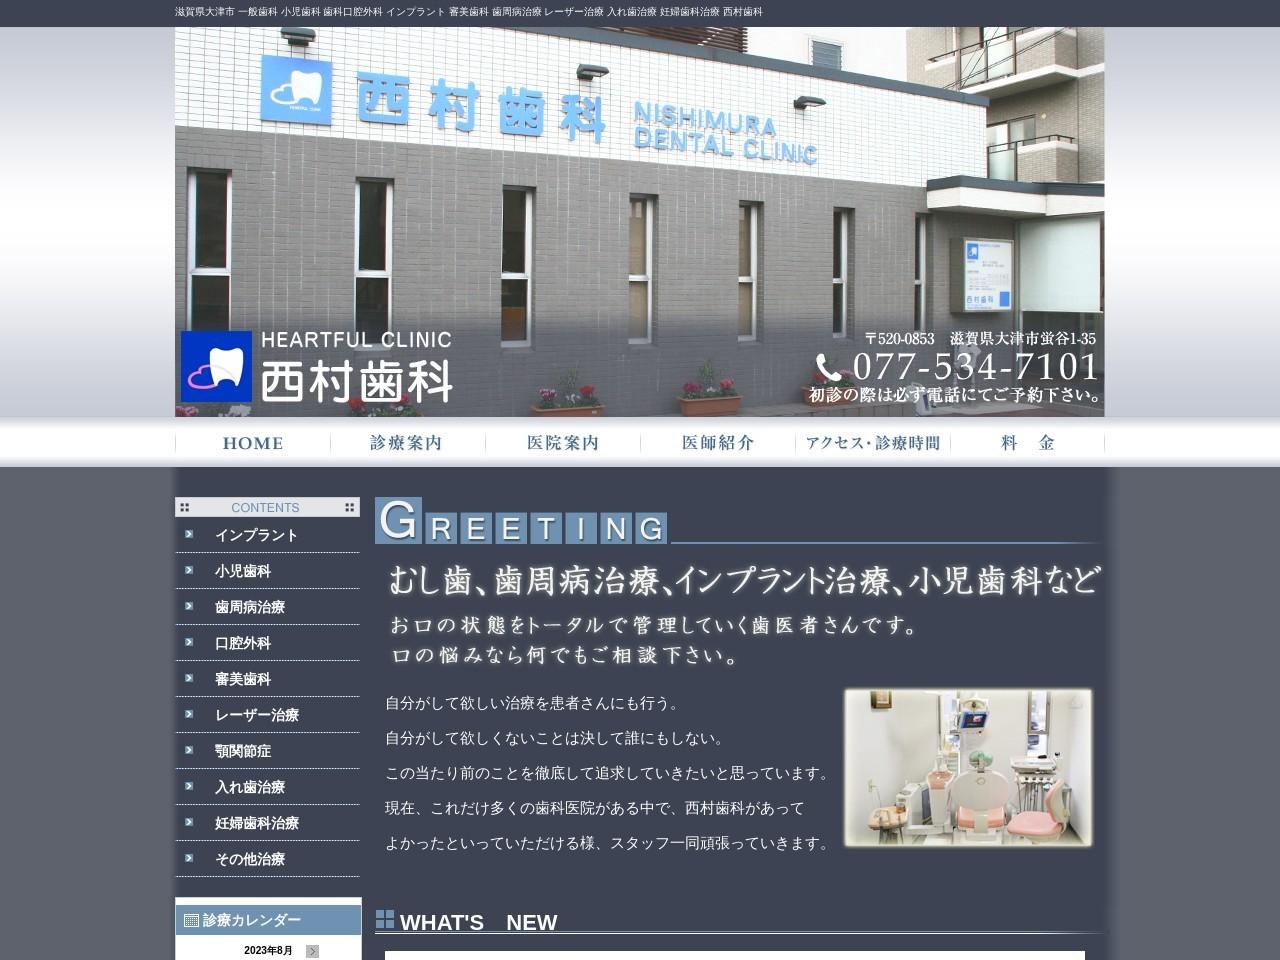 西村歯科 (滋賀県大津市)